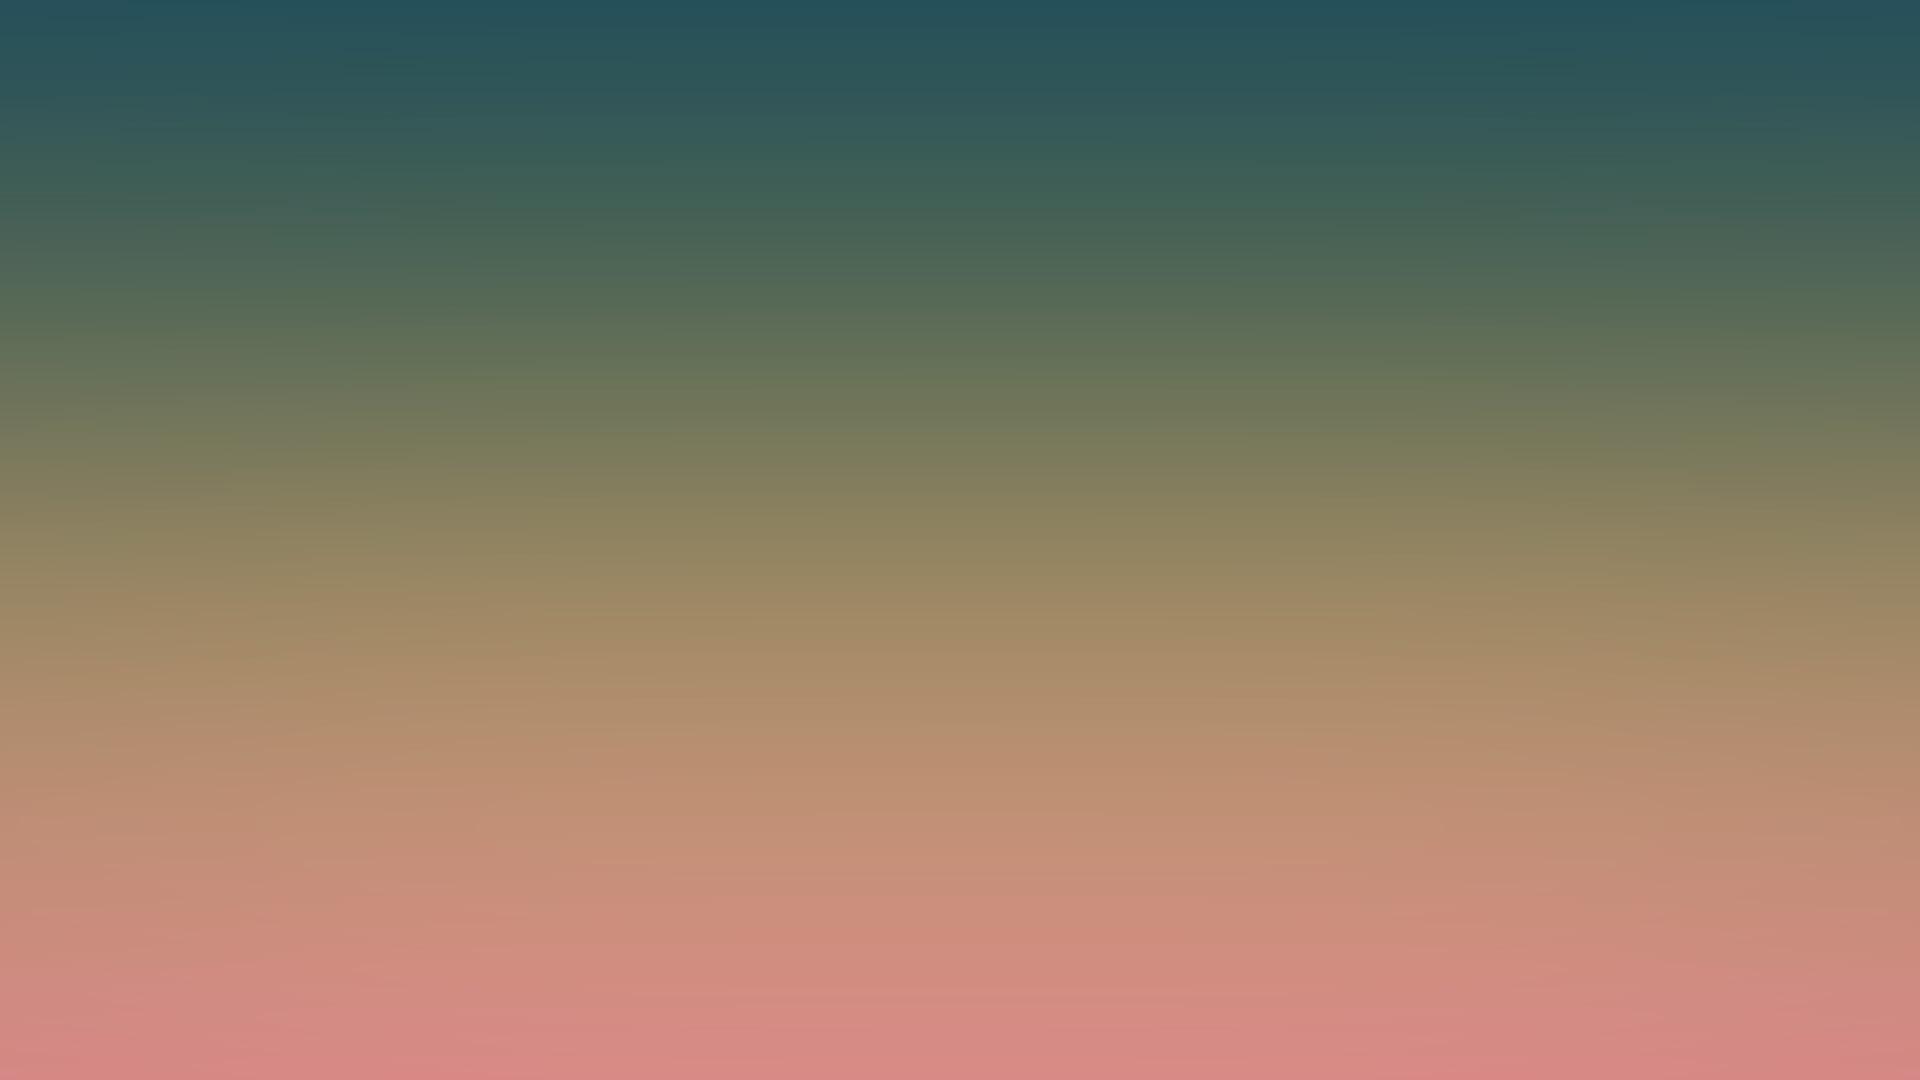 2560 x 1600 - Color gradation wallpaper ...